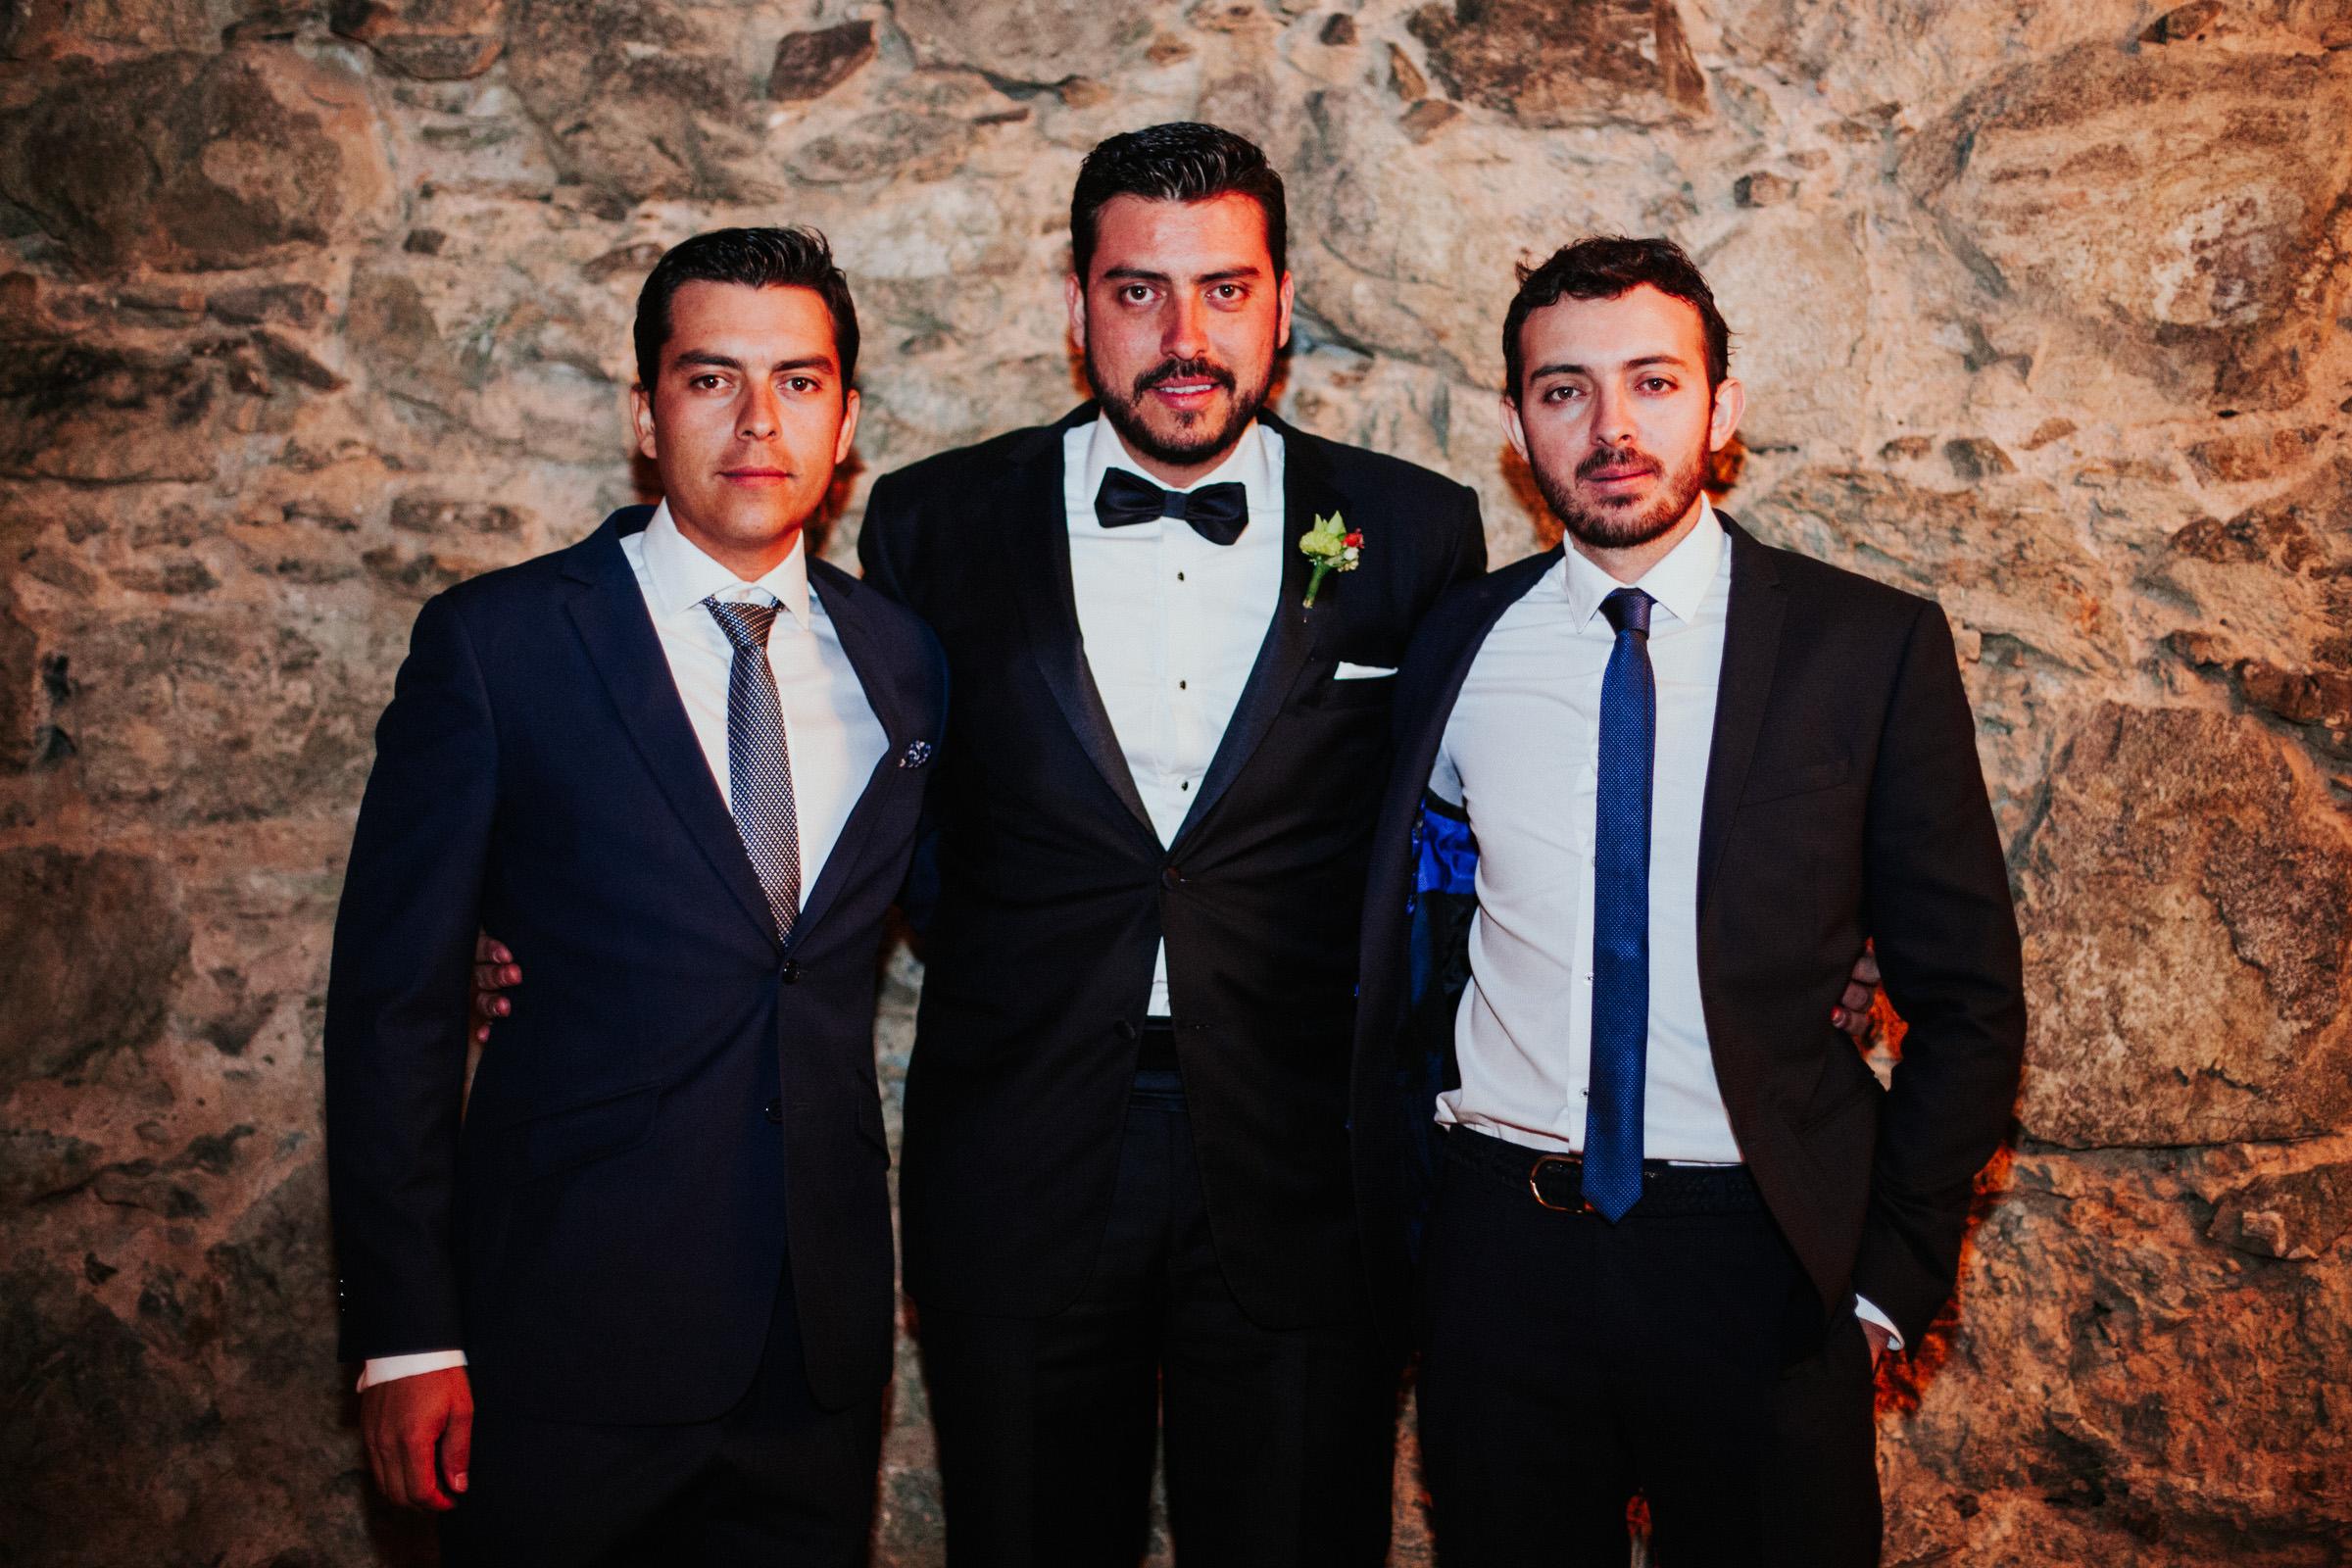 Boda-Guanajuato-Camino-de-Vinos-San-Miguel-Allende-Wedding-Fotografia-Paulina-Mauricio-Pierce0217.JPG